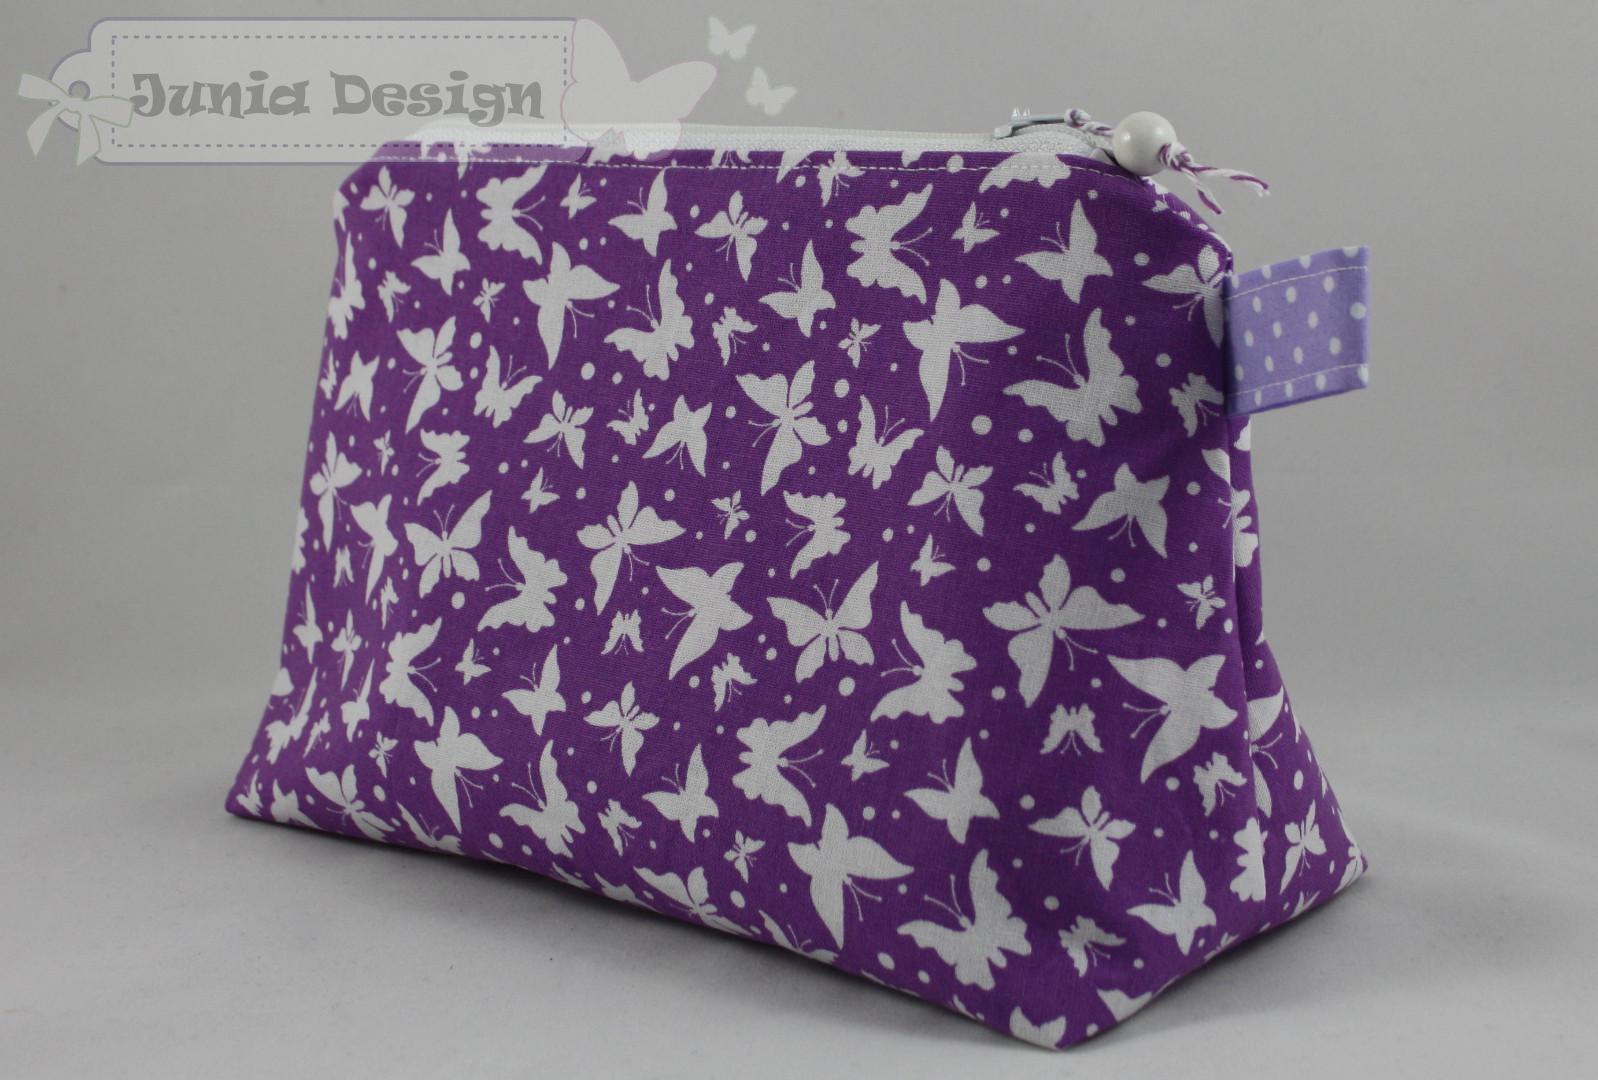 große Kosmetiktasche lila Schmetterlinge a